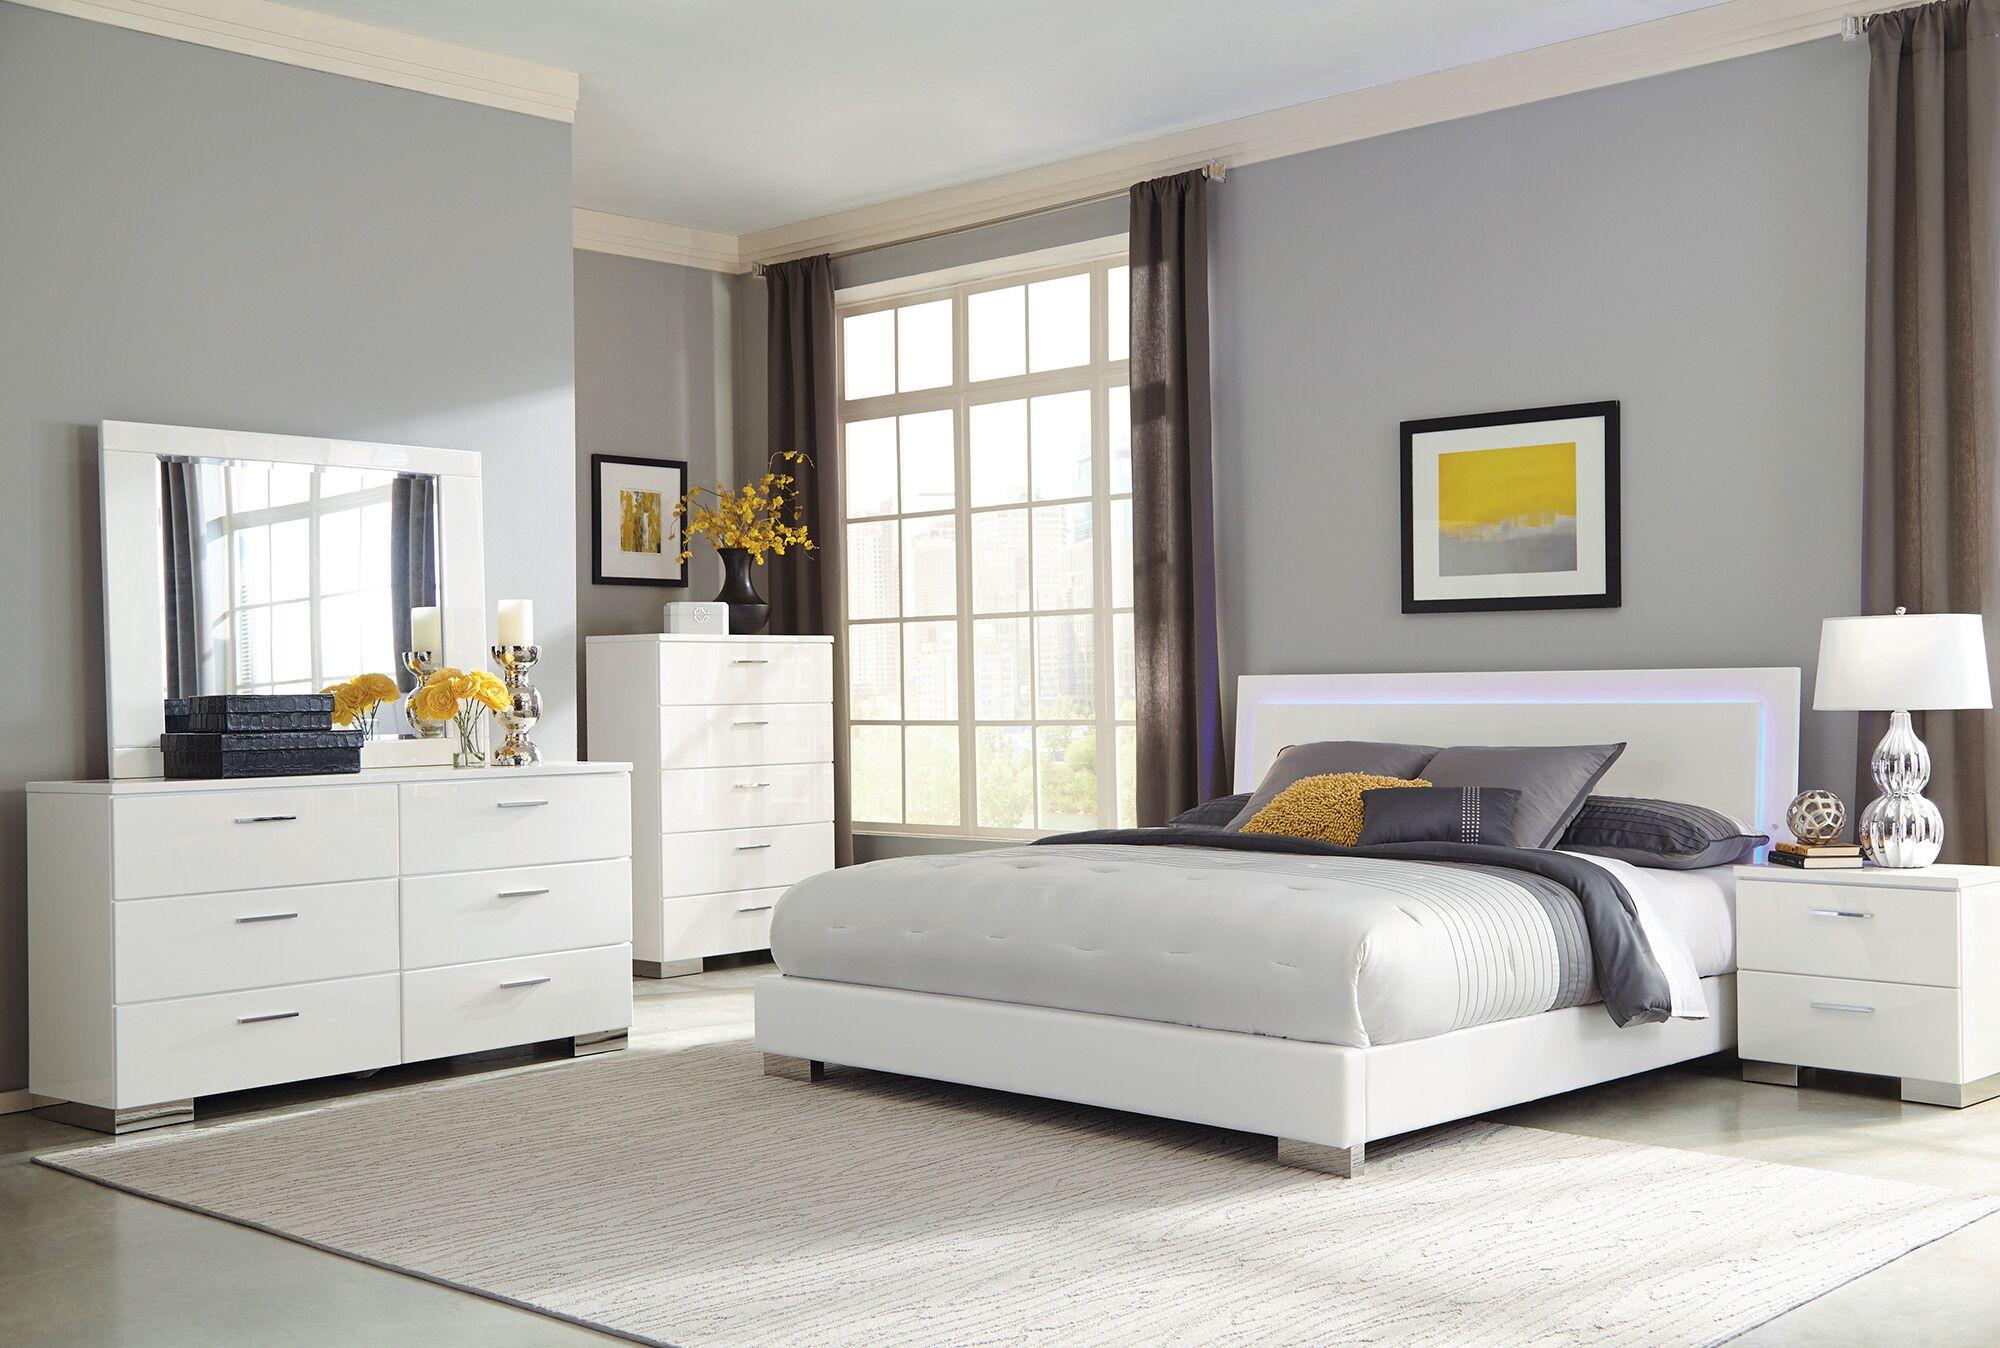 Reger Panel Bed Size: Queen